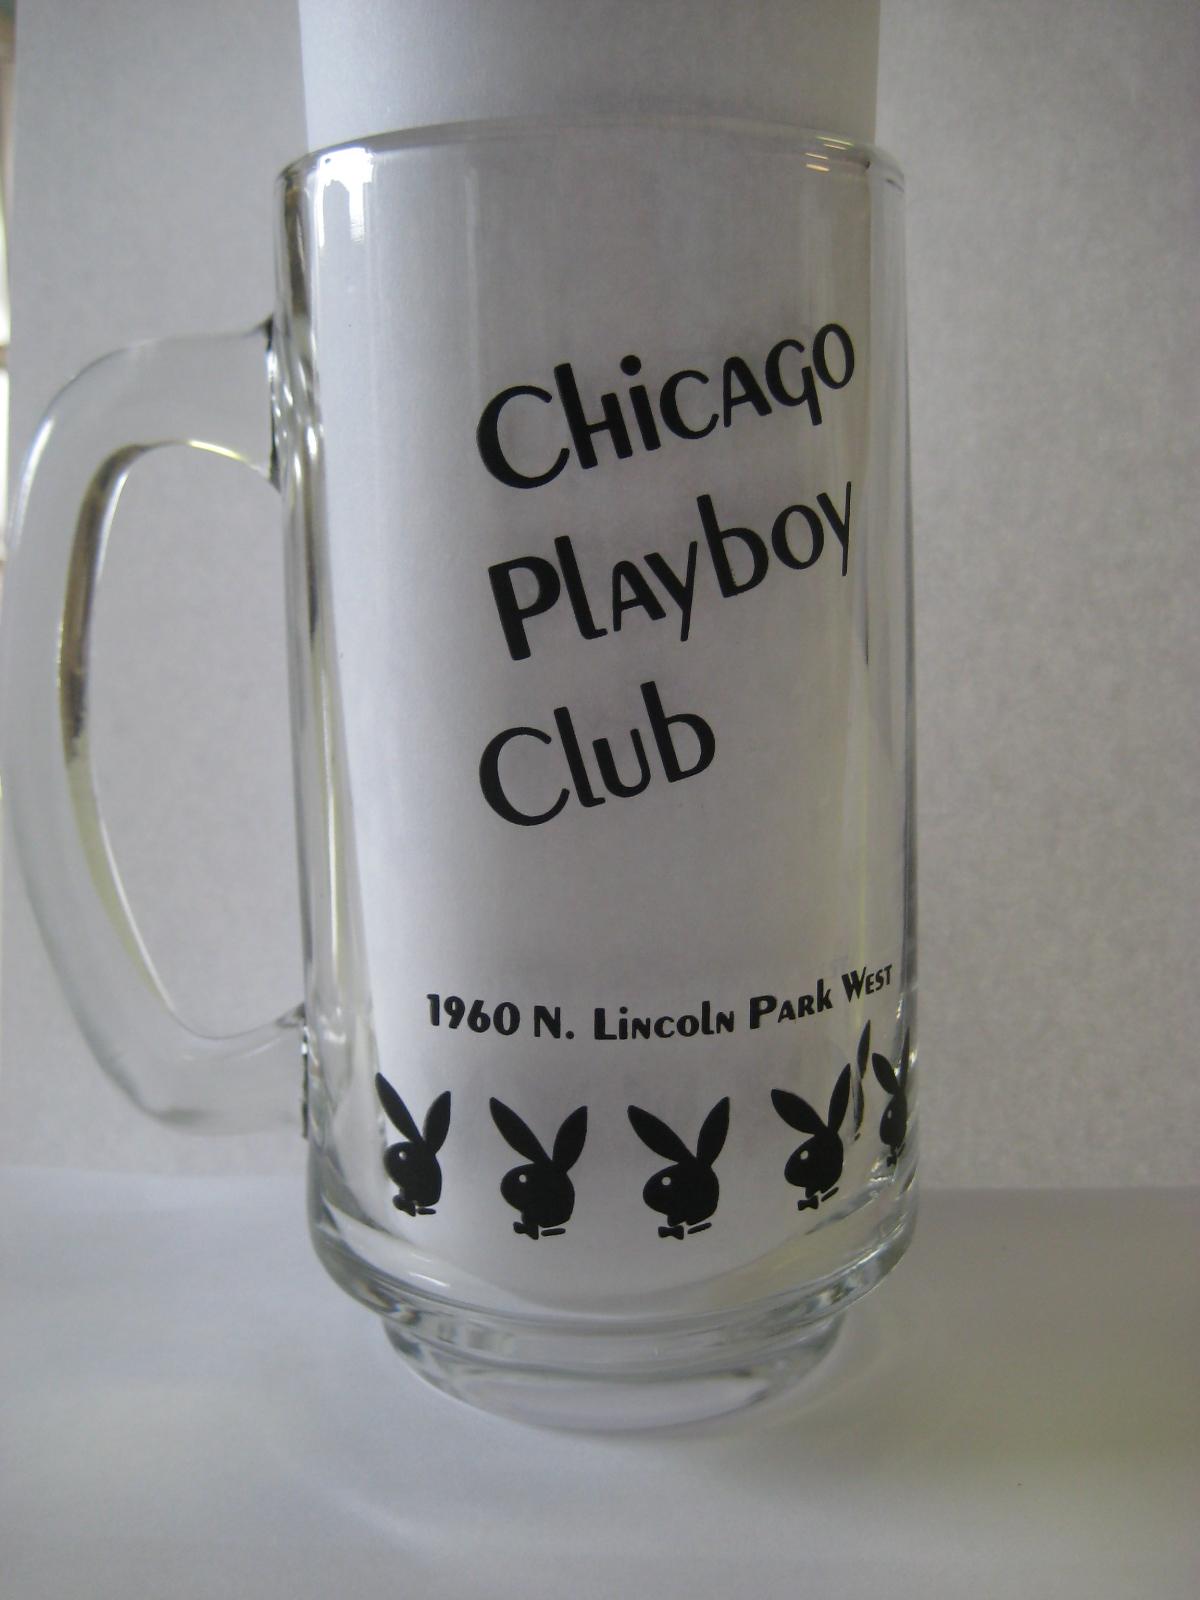 Chicago Playboy Club Mug